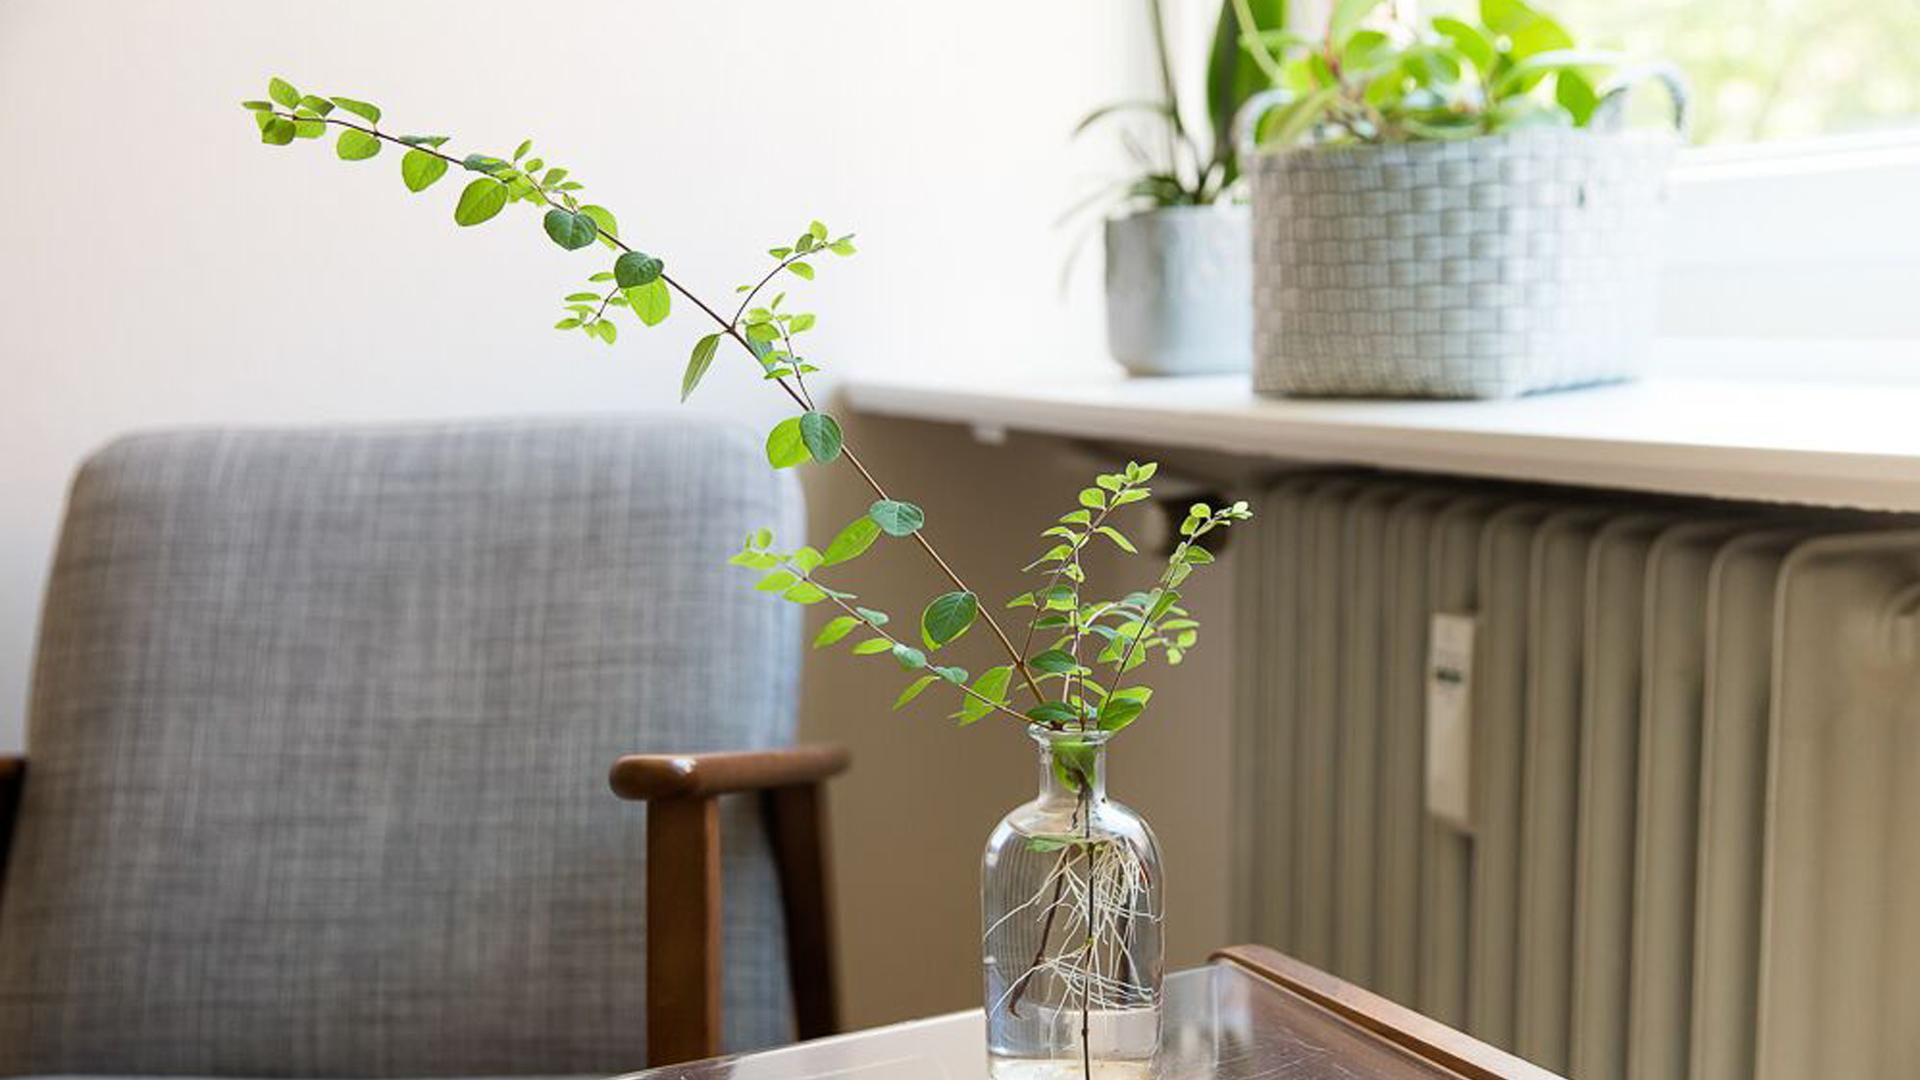 Eine Grünpflanze auf einem kleinen Beistelltisch vor einer Fensterbank auf der mehr Pflanzen stehen. Im unscharfen Hintergrund steht ein kleiner Sessel neben einer Heizung.